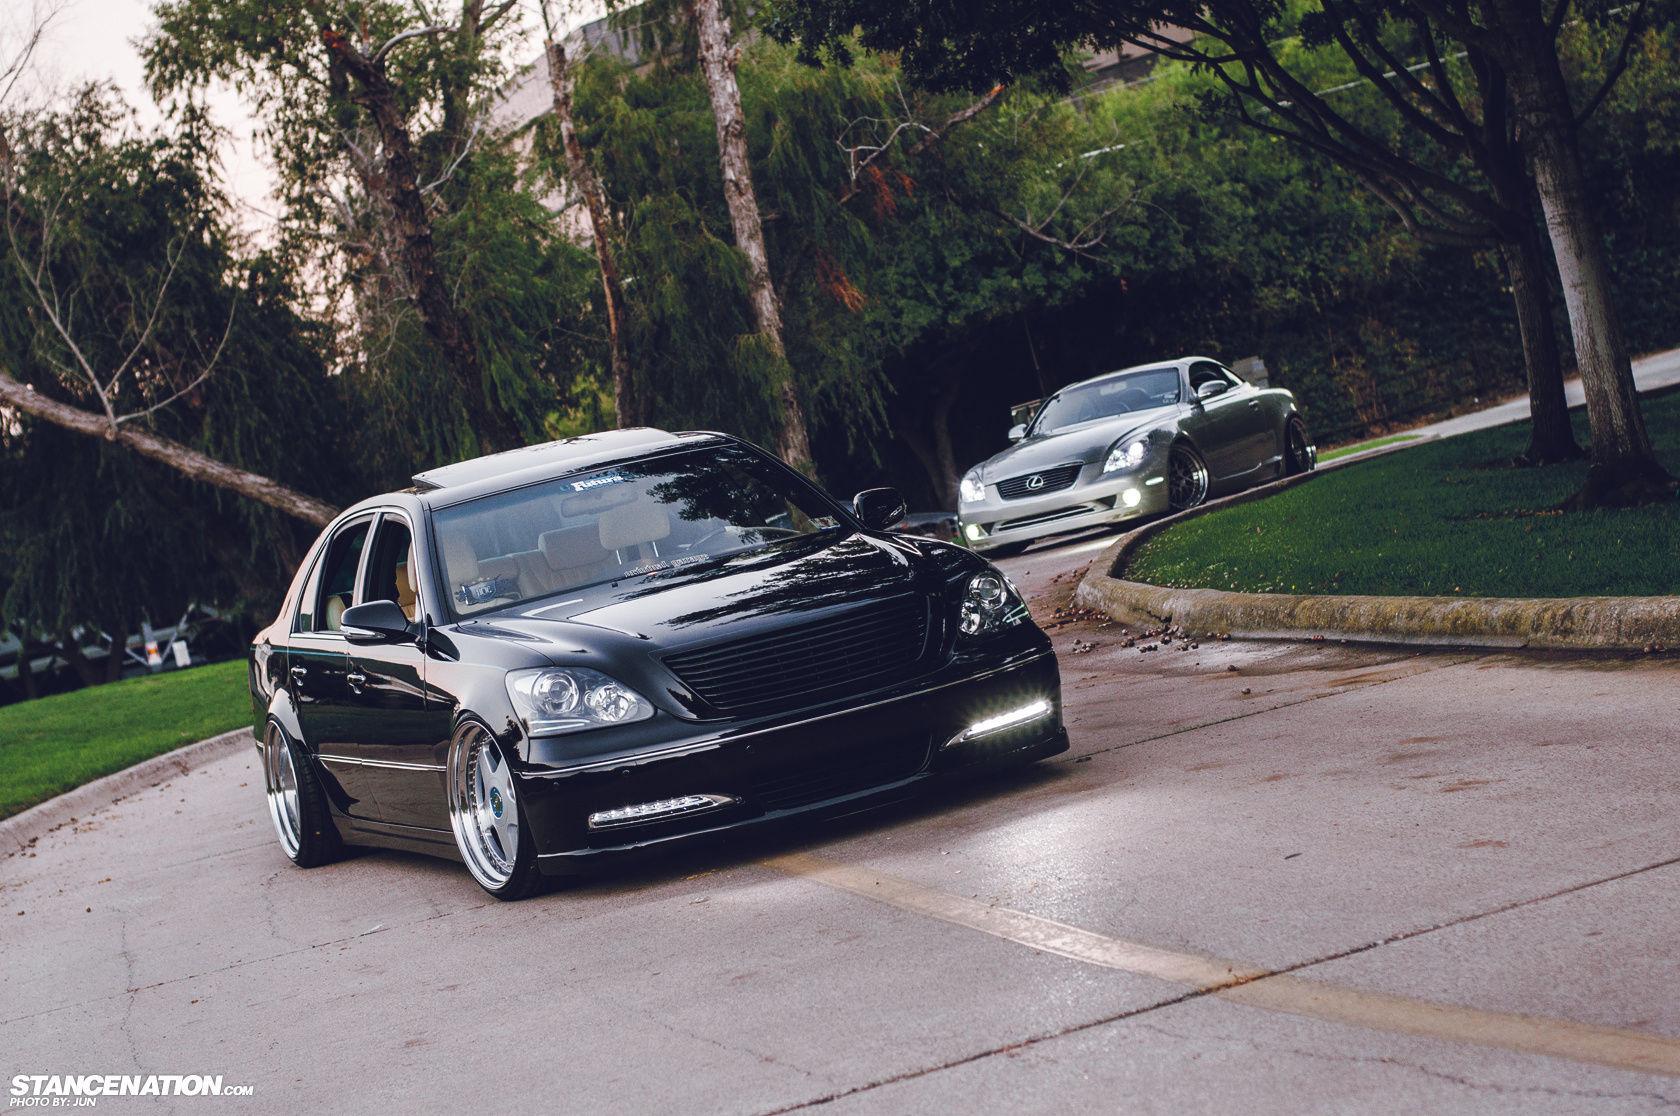 2005 Lexus LS 430 | Lexus LS430